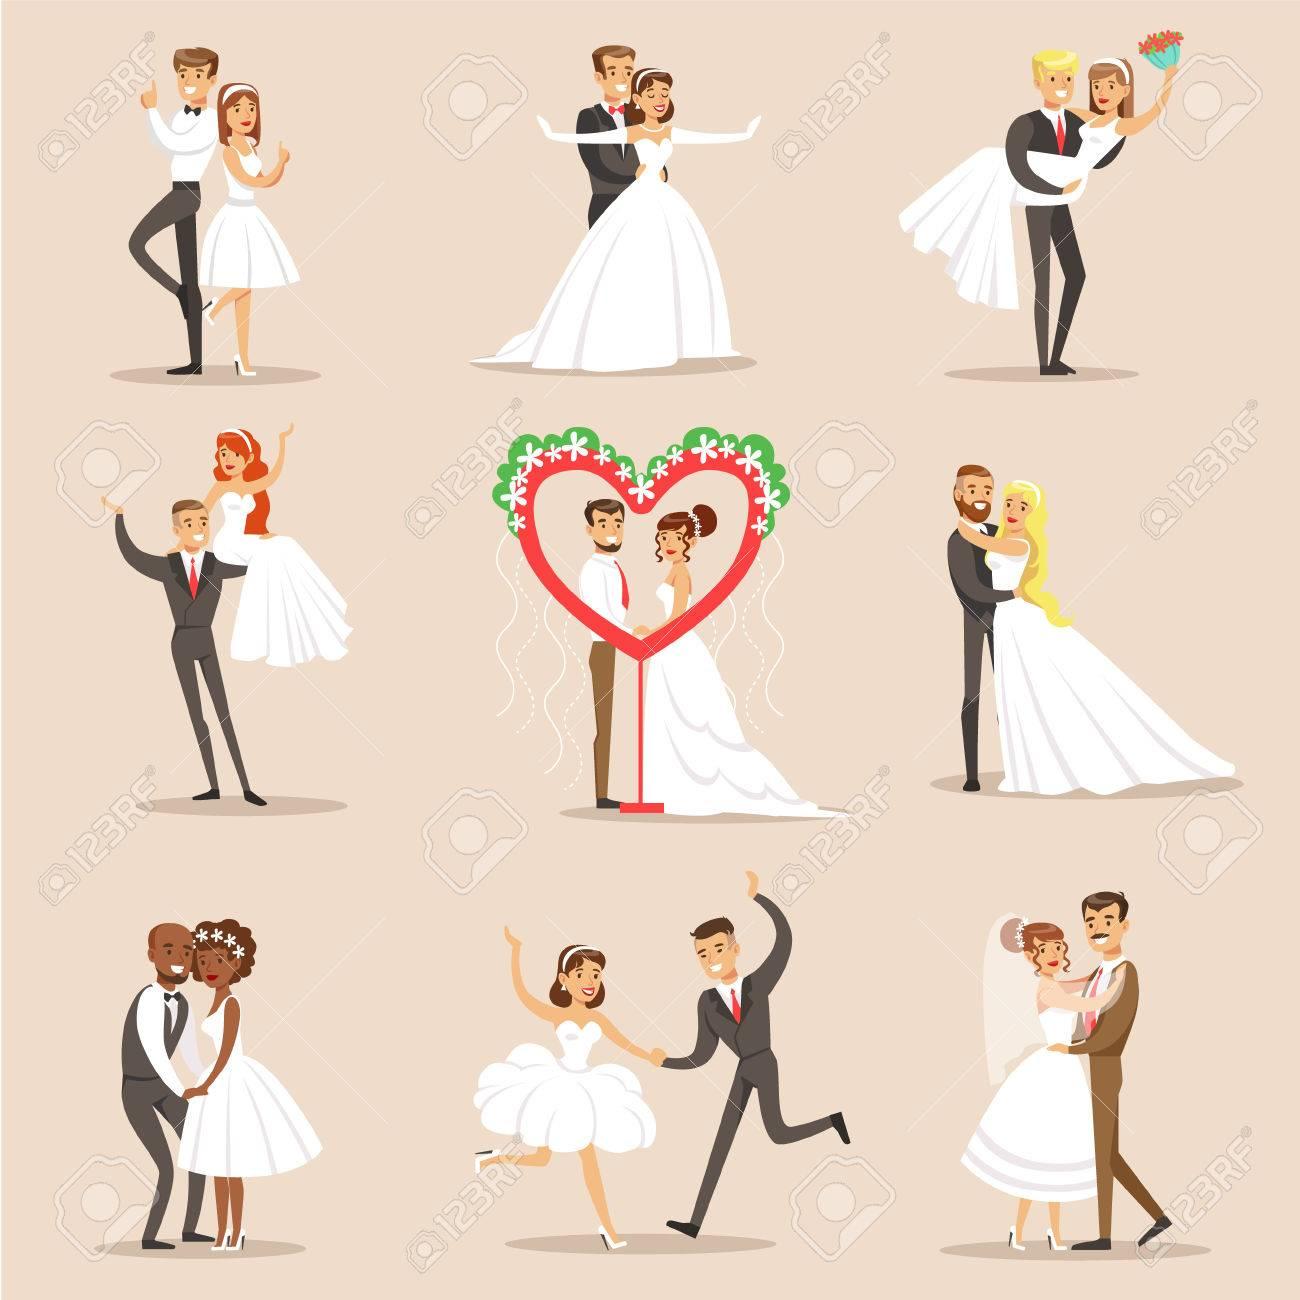 結婚披露宴の幸せな新婚夫婦はシーンのセットしますかわいい新郎新婦